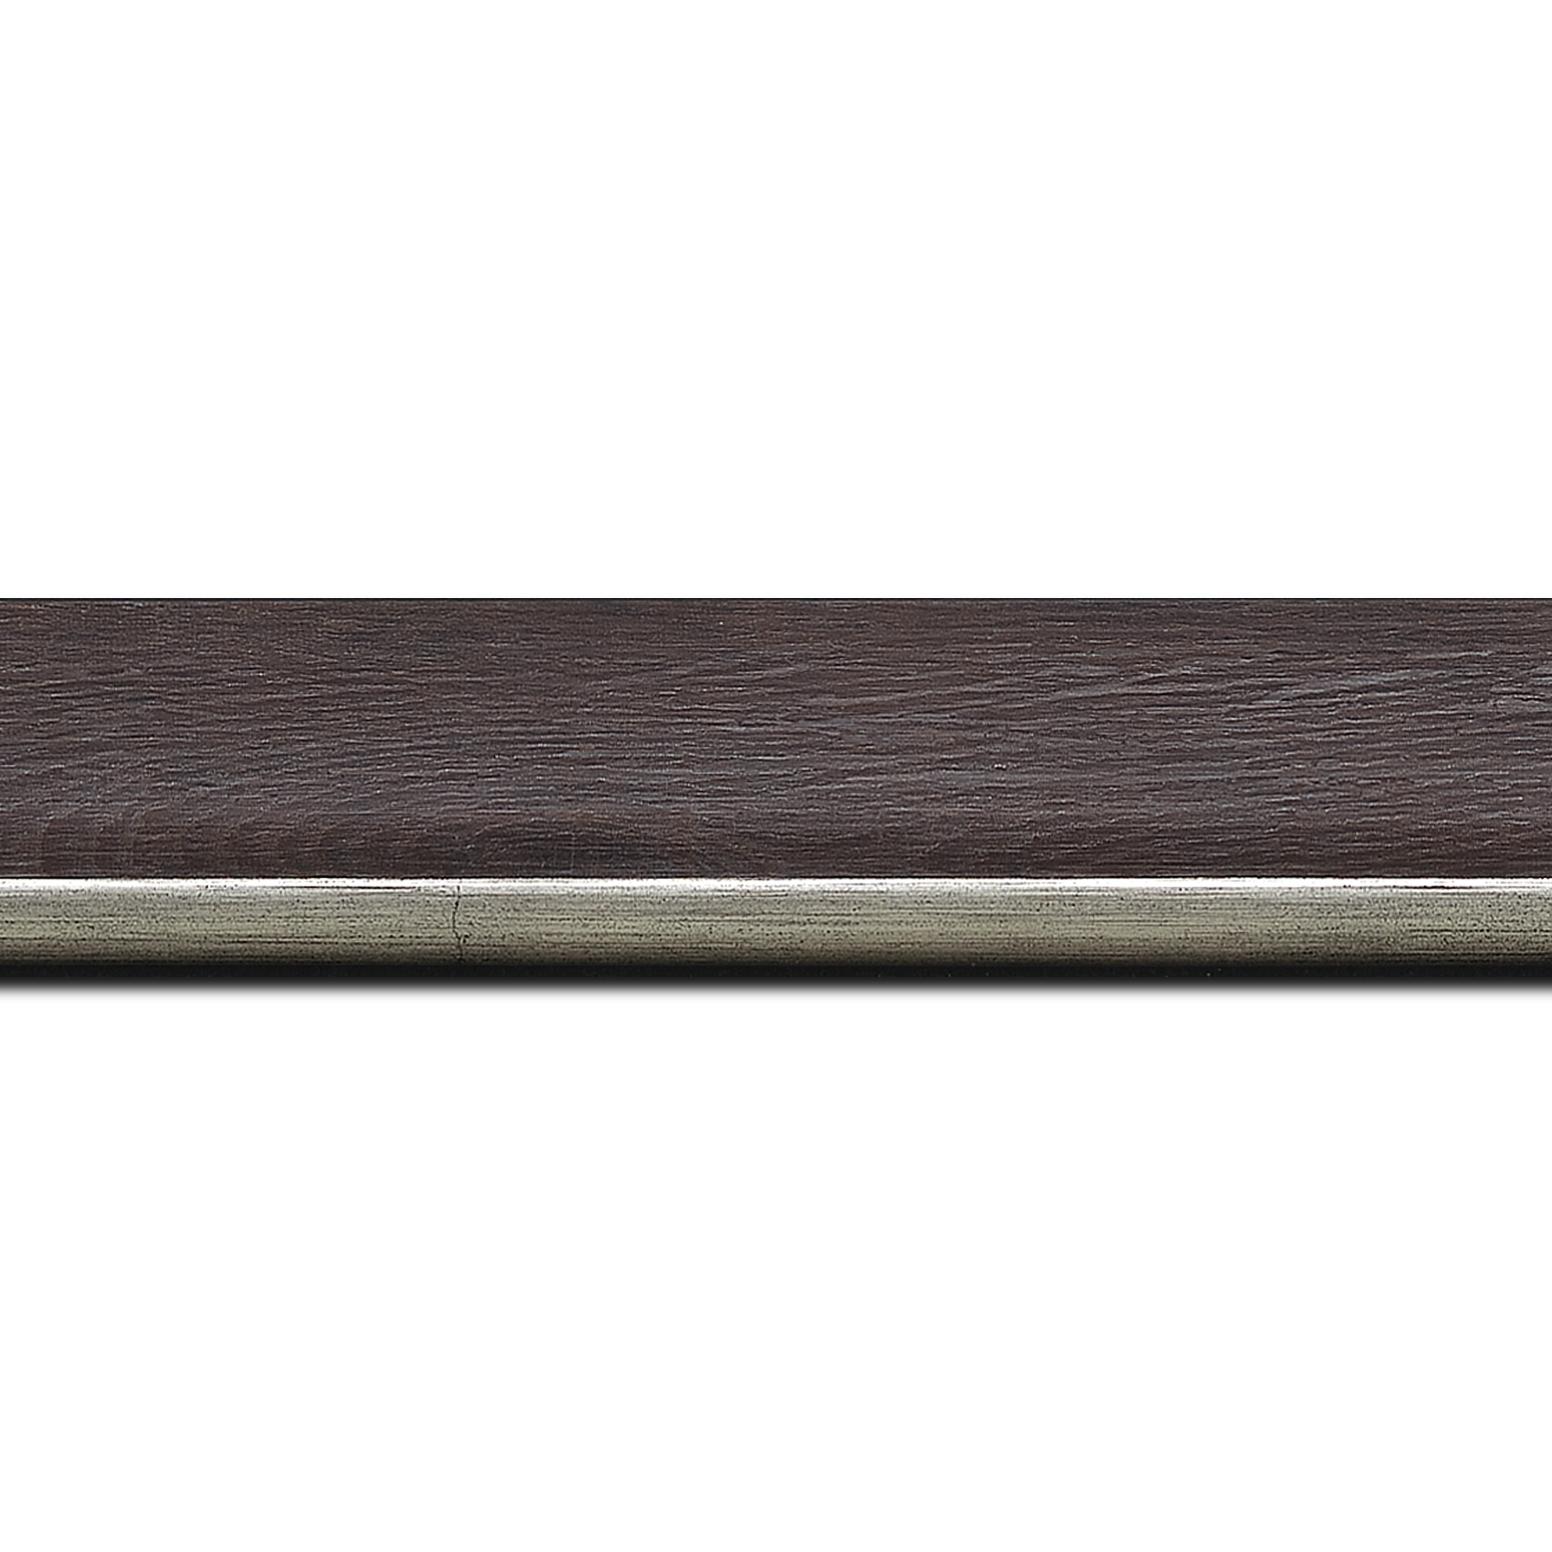 Pack par 12m, bois profil plat en pente largeur 3.5cm de couleur ton bois veiné teinté marron foncé filet argent chaud       (longueur baguette pouvant varier entre 2.40m et 3m selon arrivage des bois)